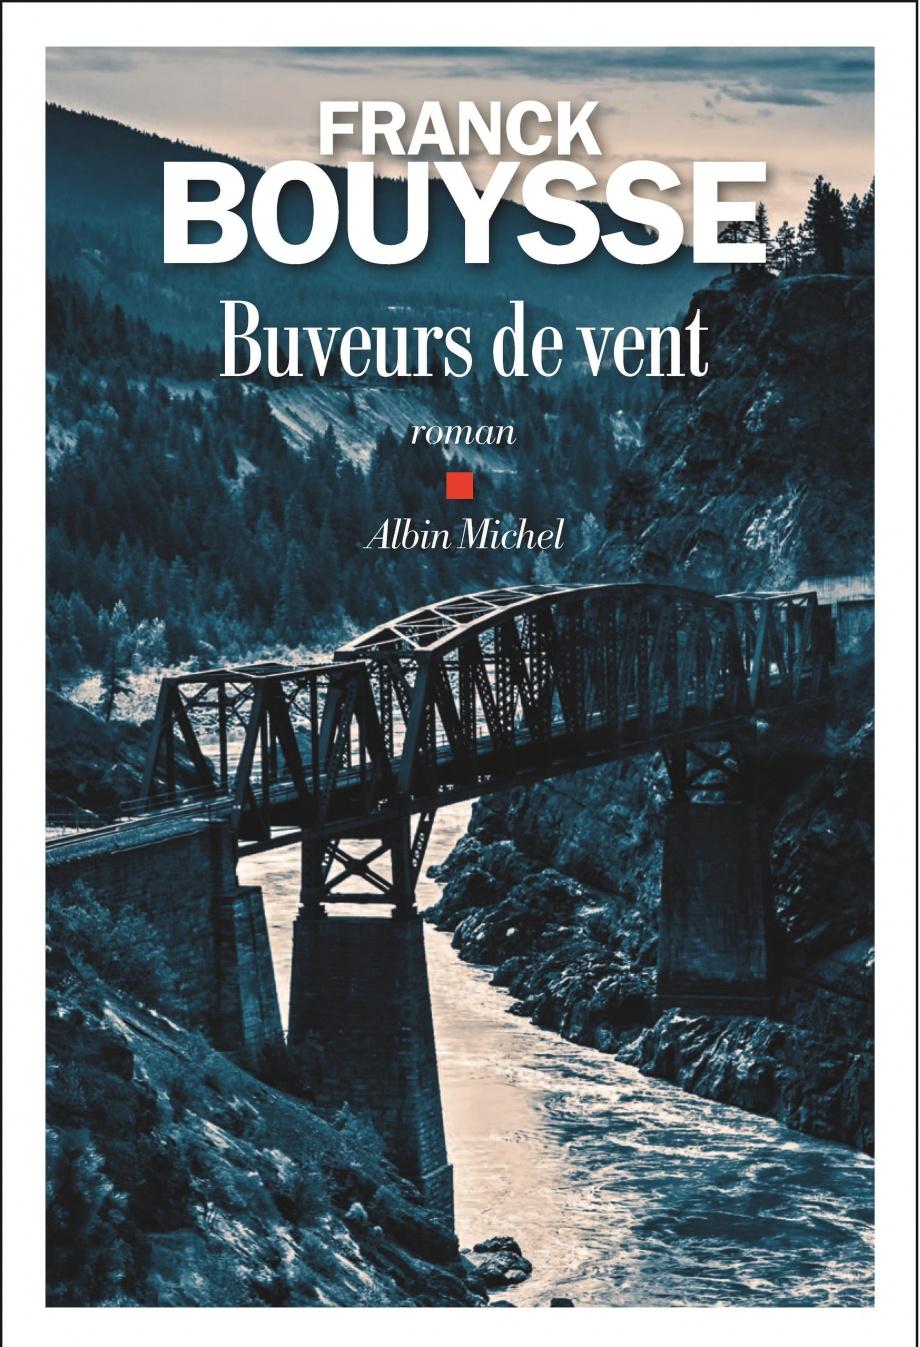 Franck Bouysse Grossir Le Ciel : franck, bouysse, grossir, Buveurs, Franck, Bouysse, Littérature, Roman, Canadien, étranger, Leslibraires.ca